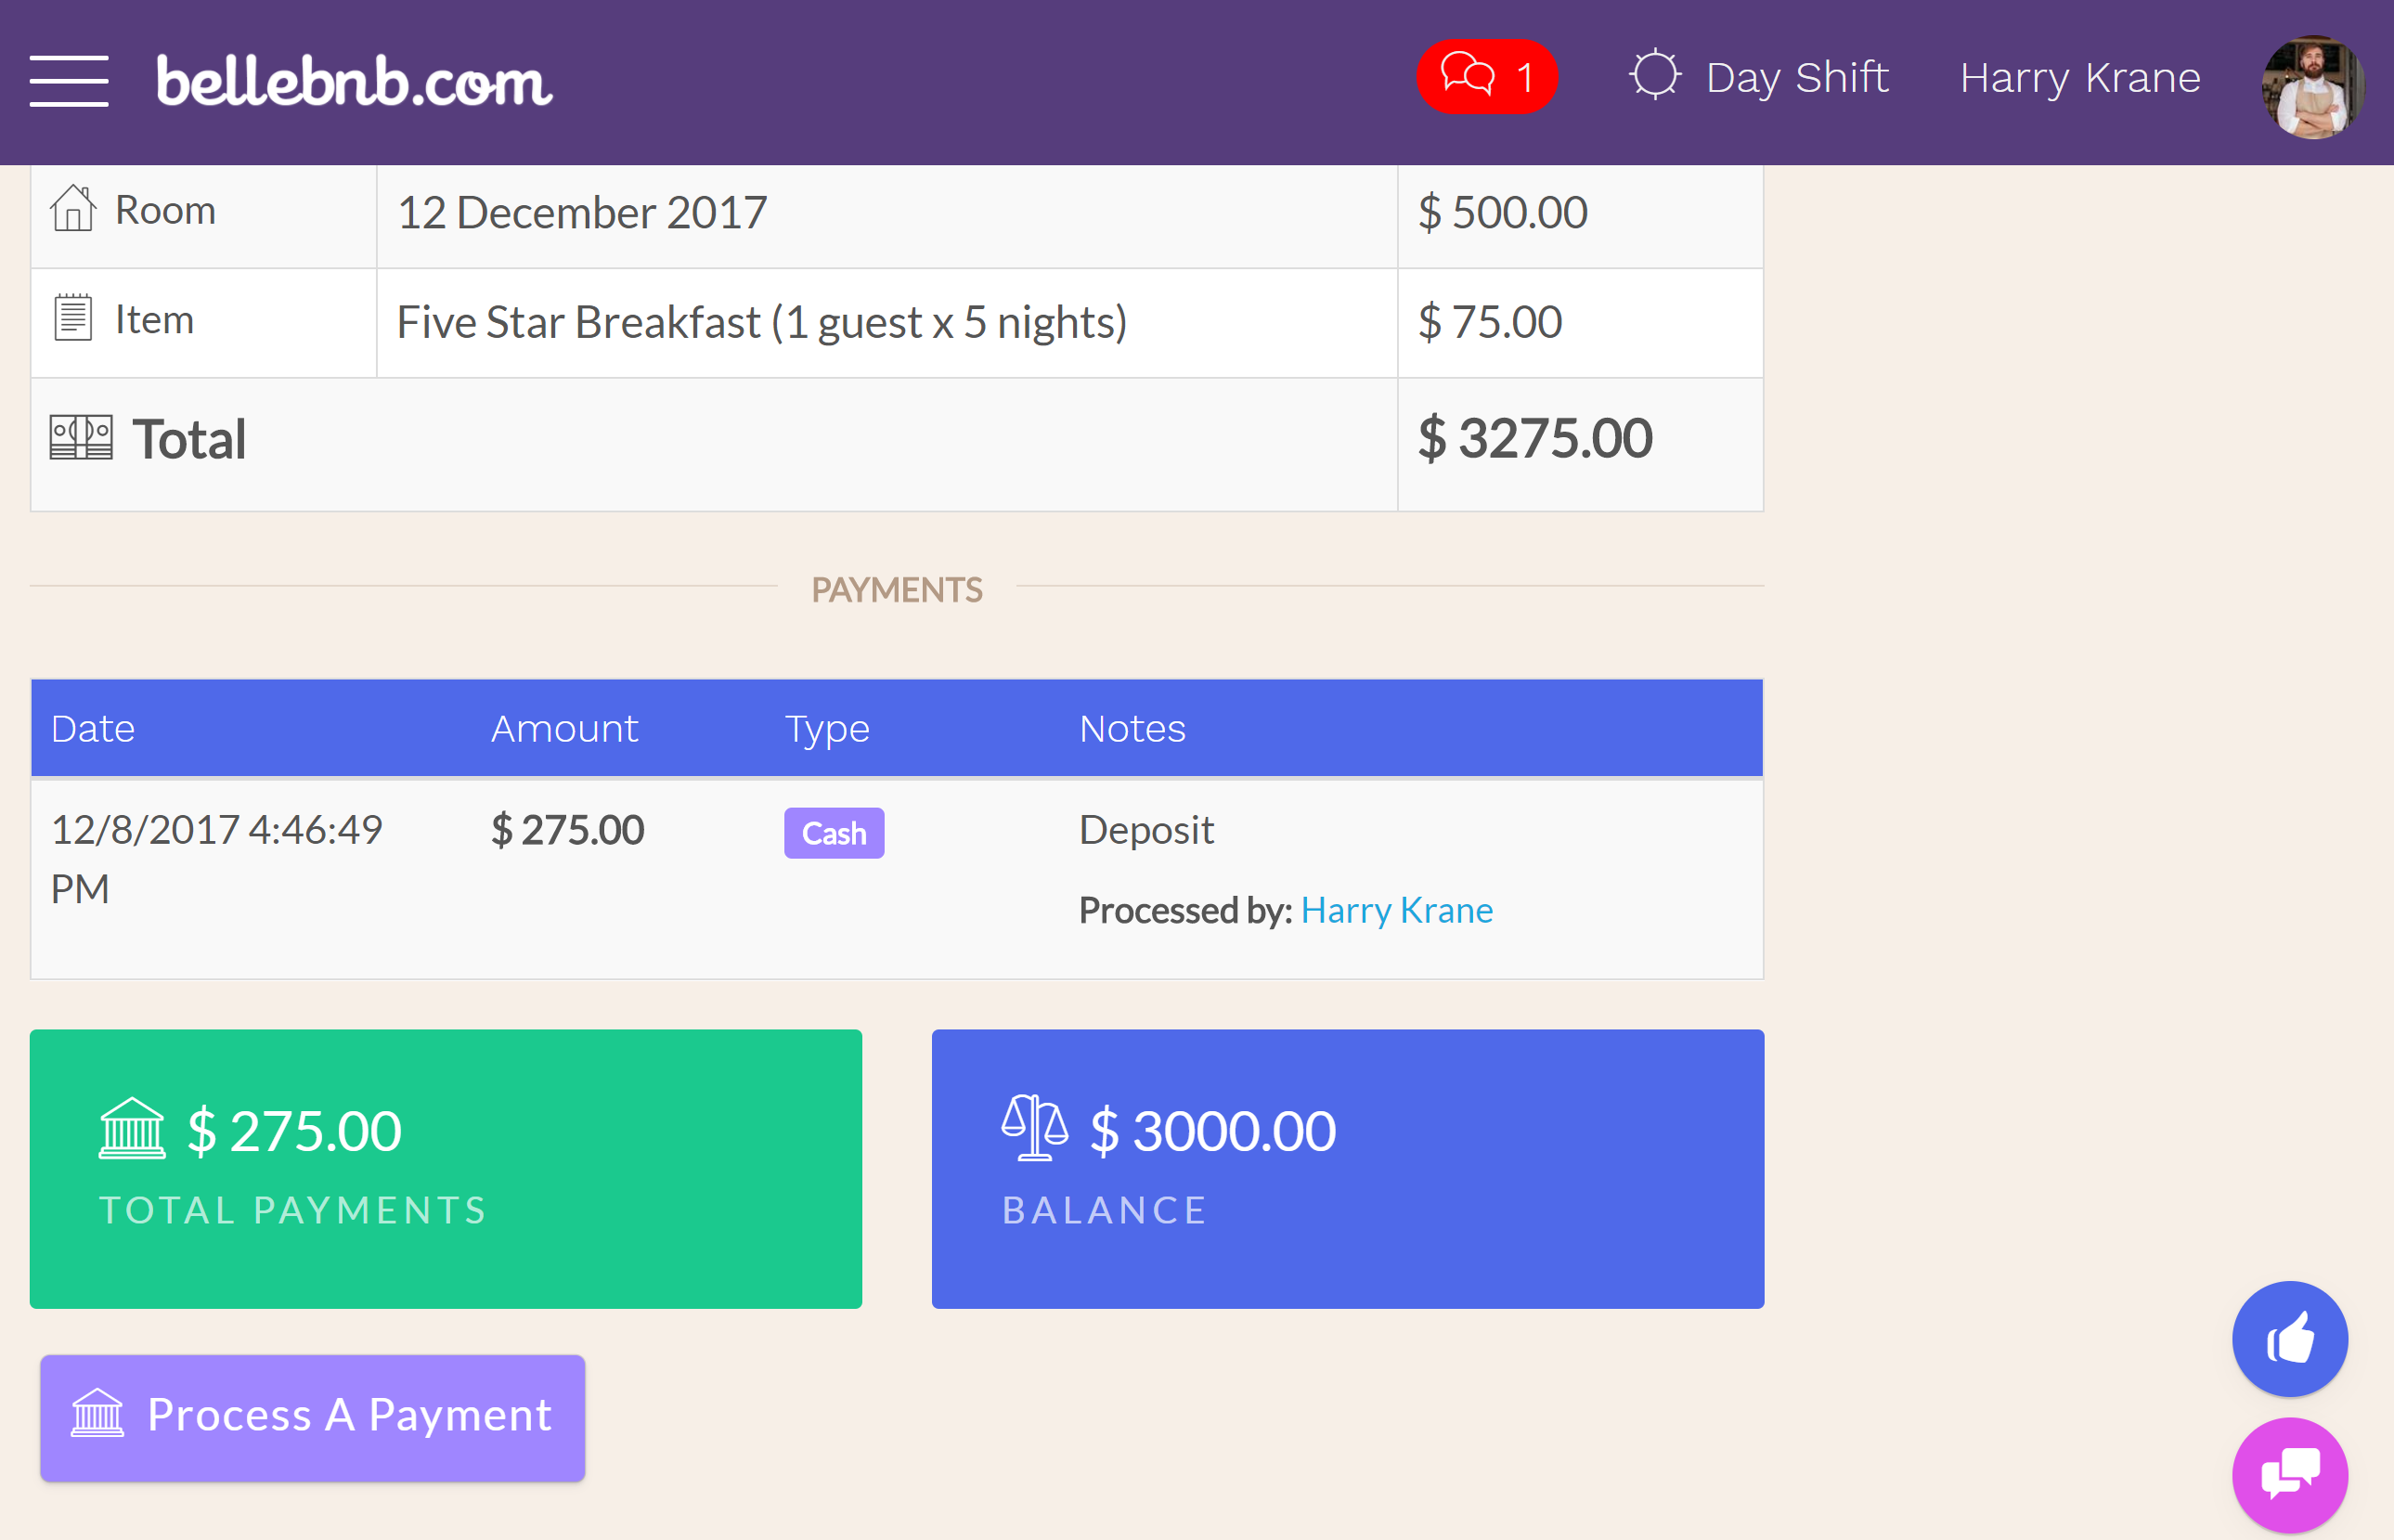 Bevor Sie diesen Gast einchecken, lassen Sie uns eine Zahlung bearbeiten. Klicken Sie auf Aktionen> Zahlung bearbeiten, geben Sie einen Betrag für eine Einzahlung ein (nicht mehr als die Summe), und klicken Sie auf, um die Zahlung zu bearbeiten..